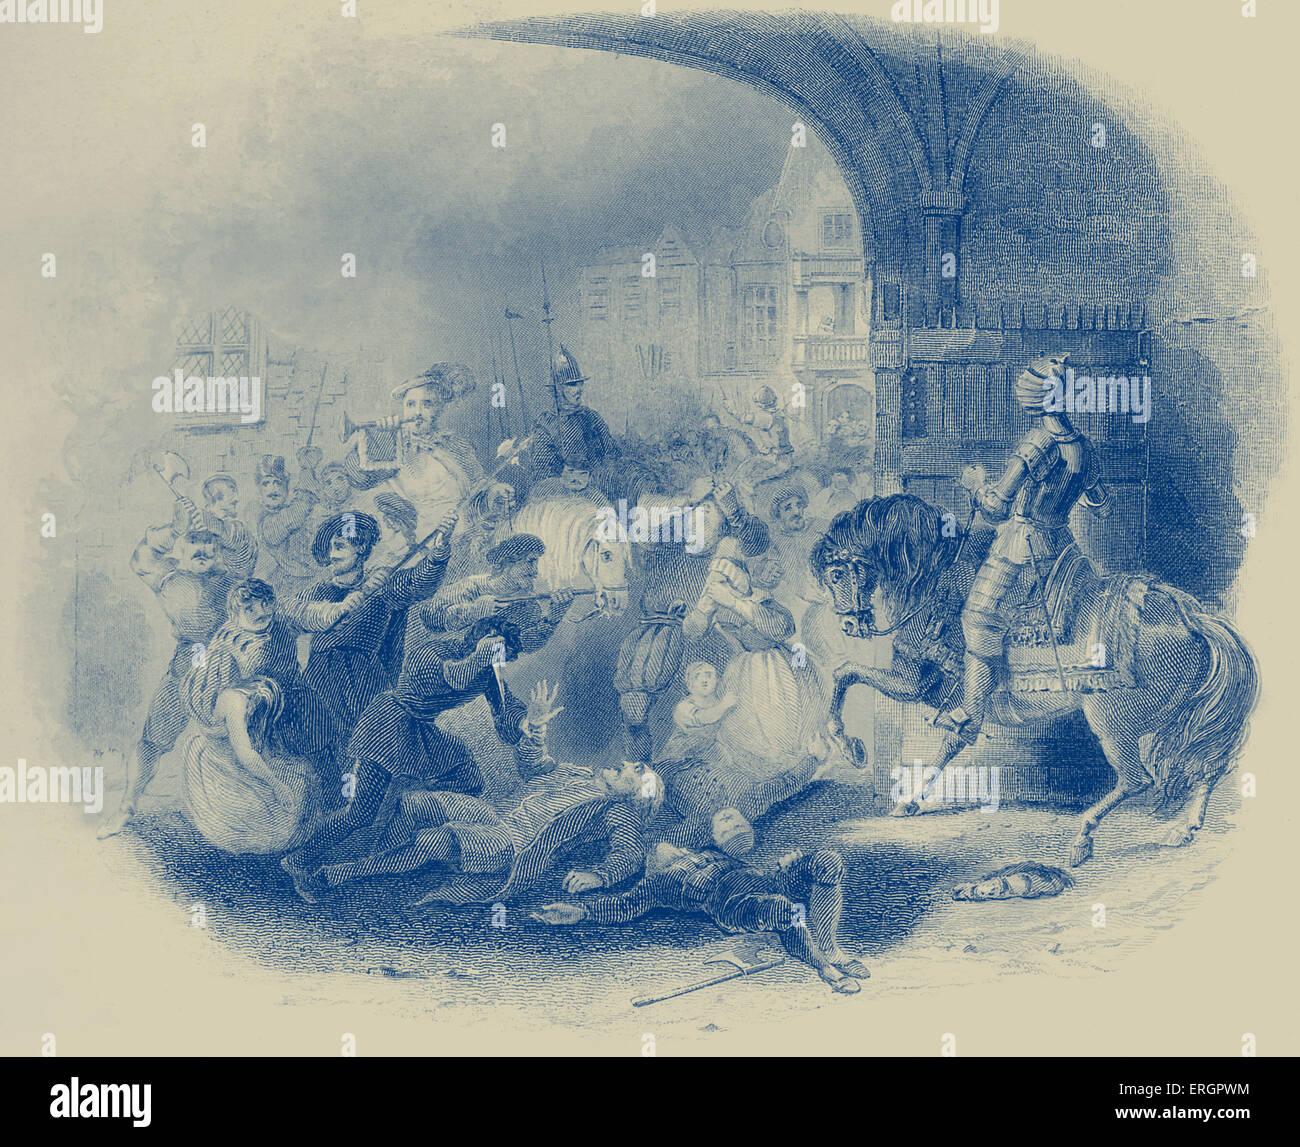 St. Bartholomew 's Day massacre, 1572. Stock Photo